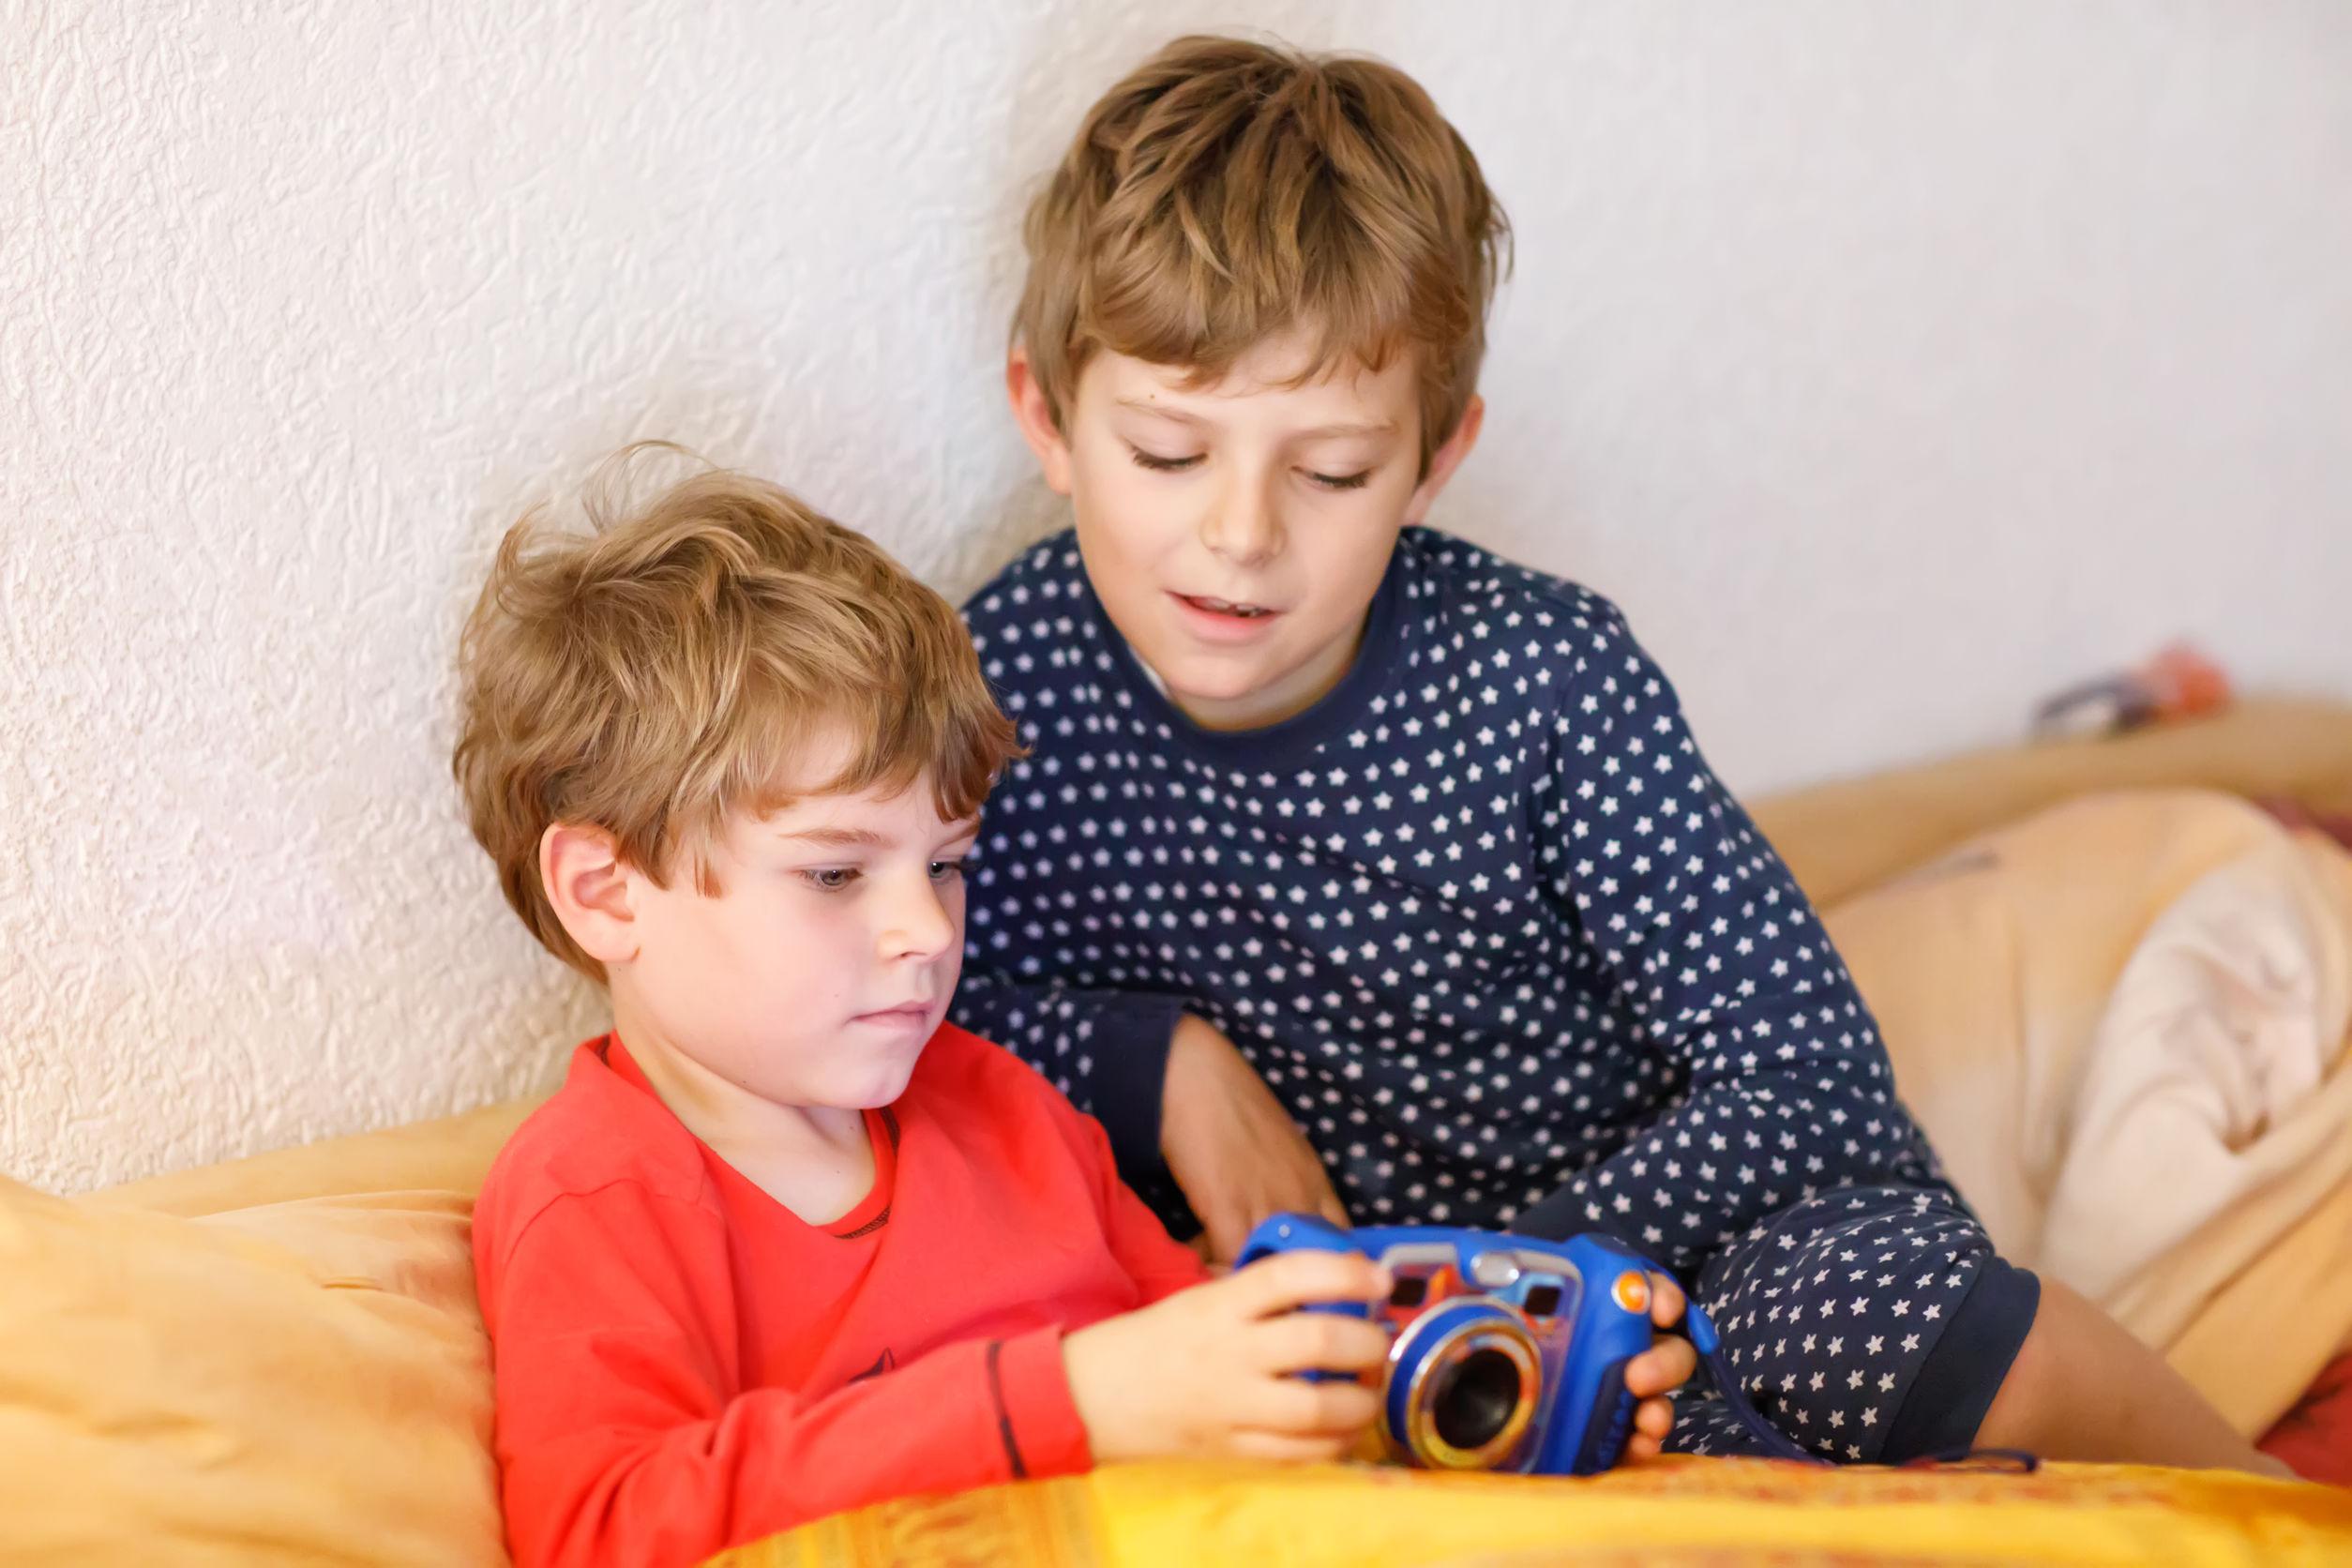 Kinderfotoapparat